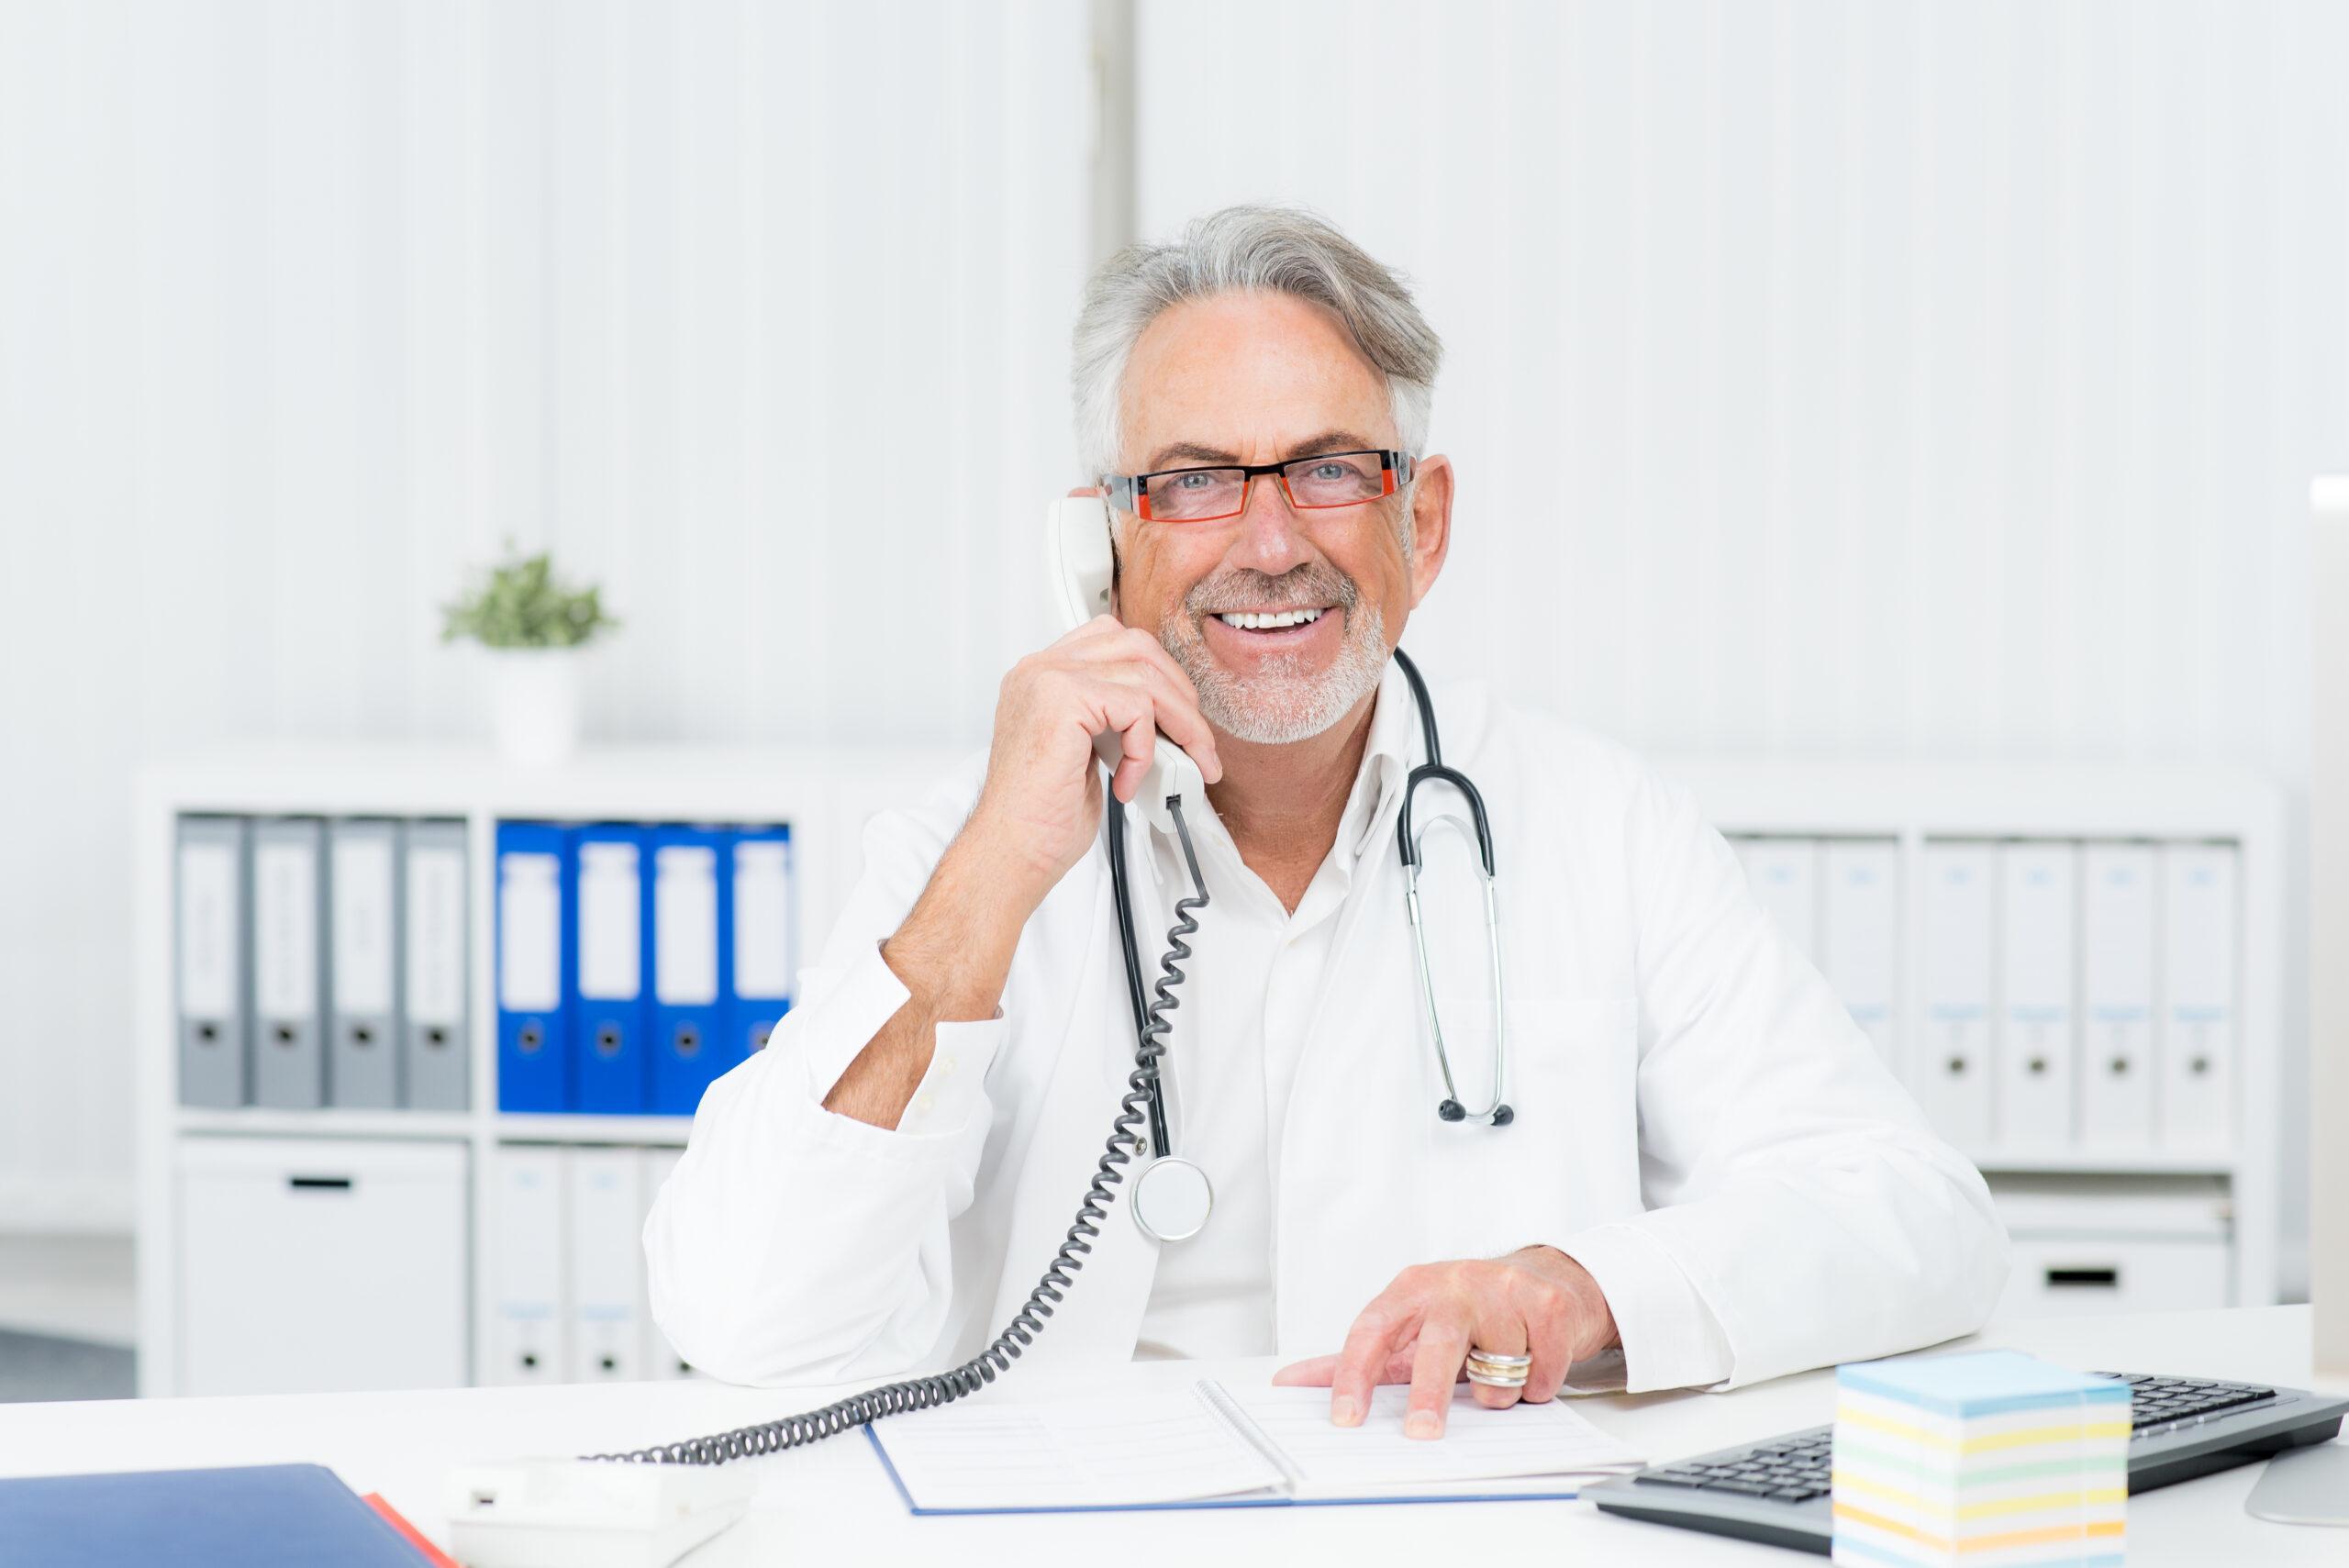 En læge tager imod et opkald